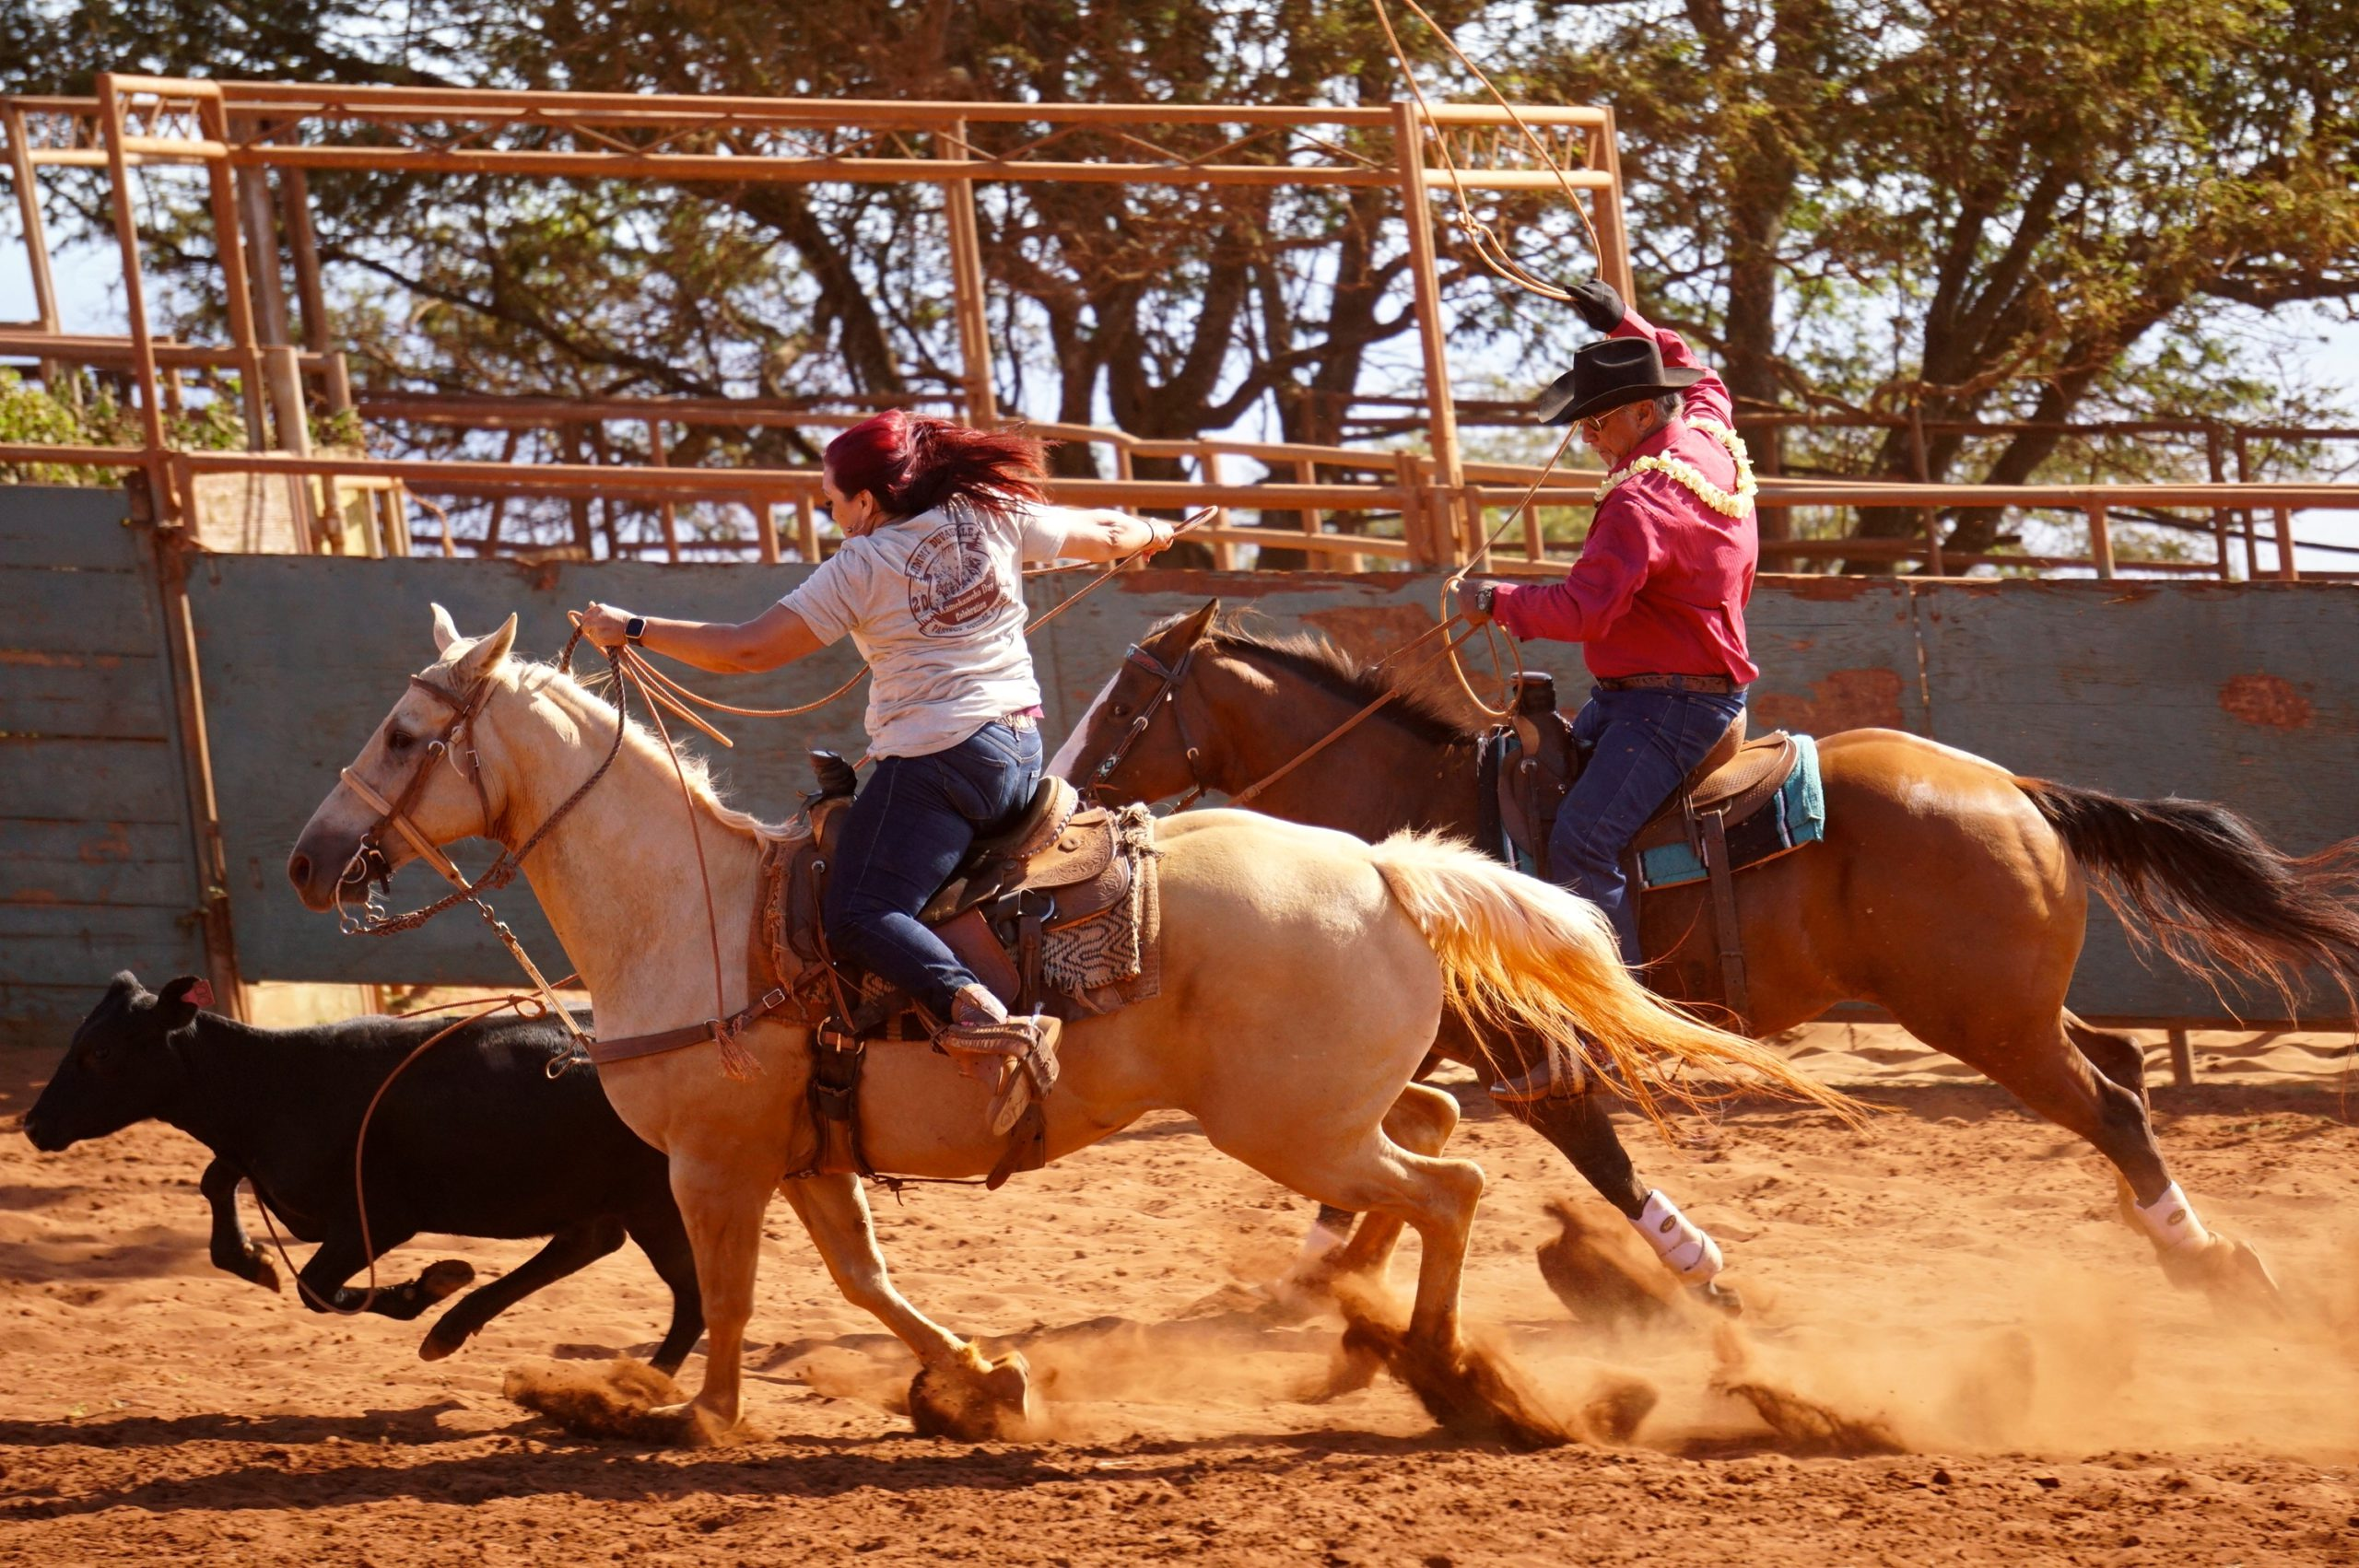 Rodeo Celebrates Paniolo Heritage